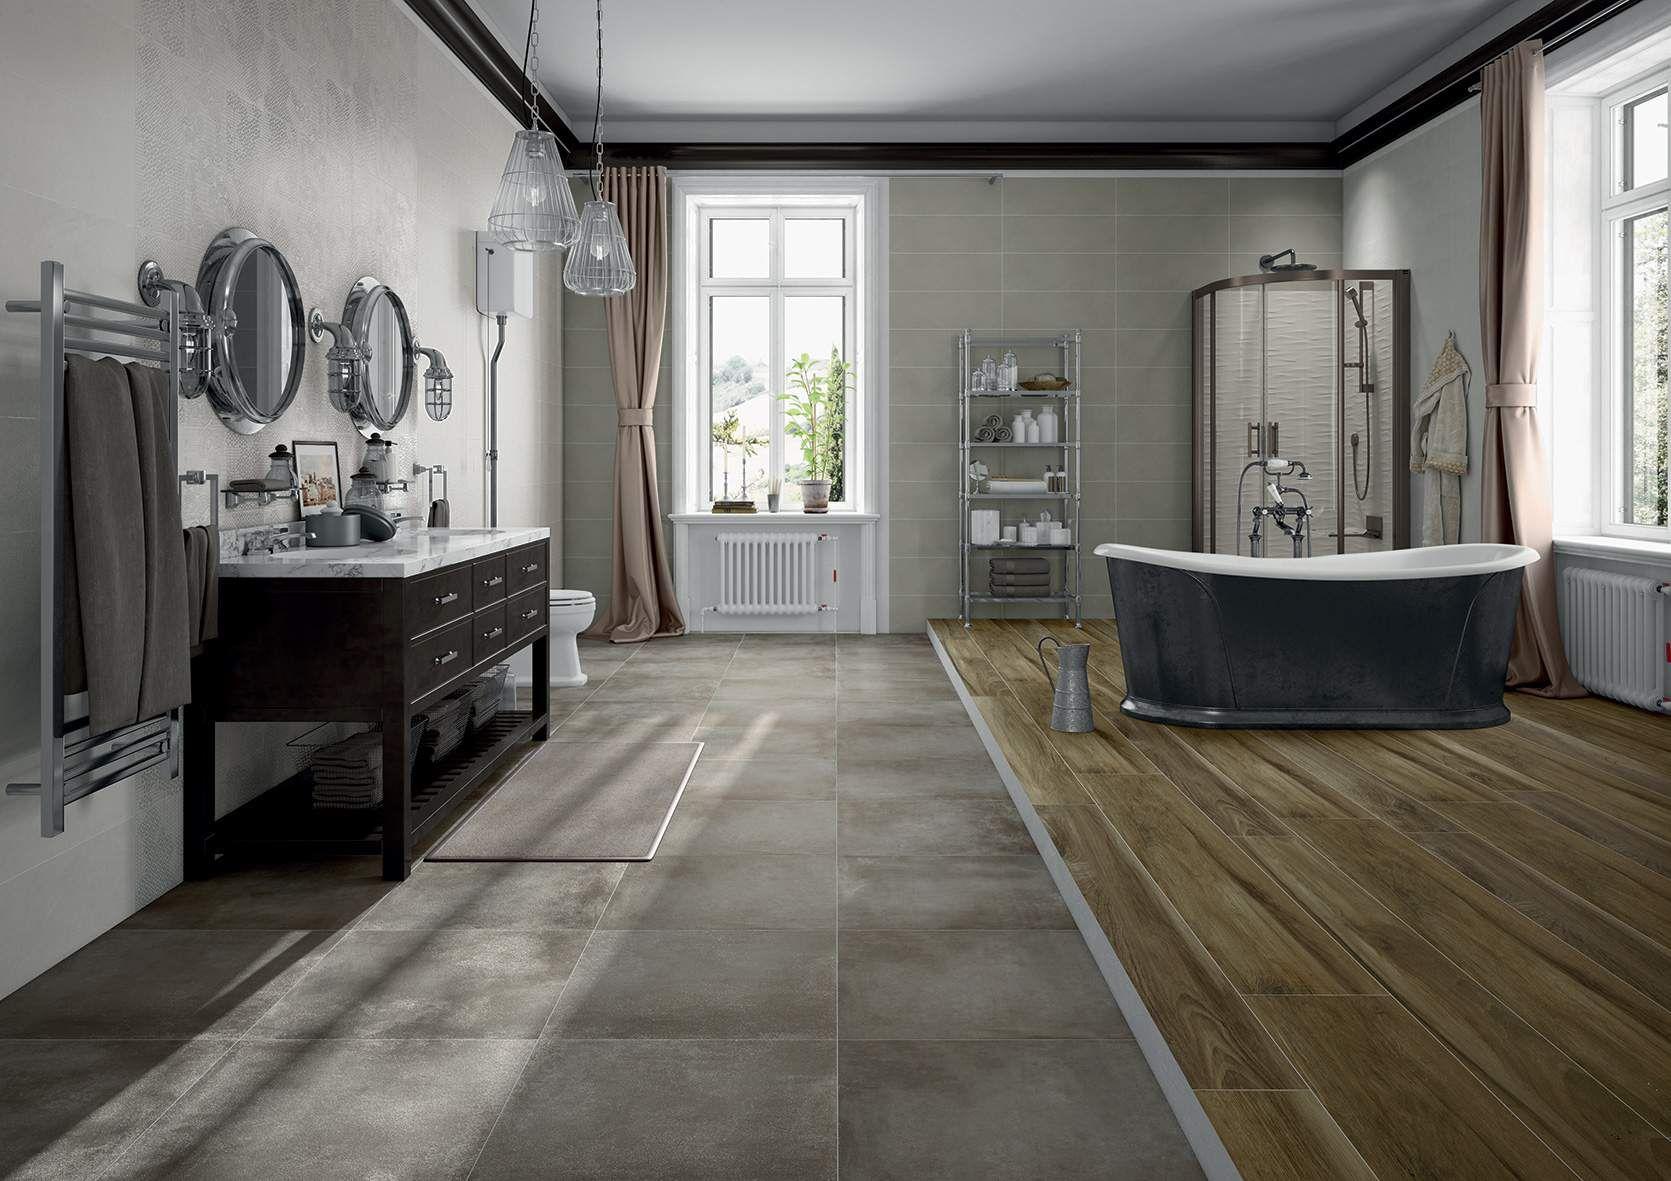 Un bellissimo bagno dal gusto classico e shabby chic. A pavimento ...